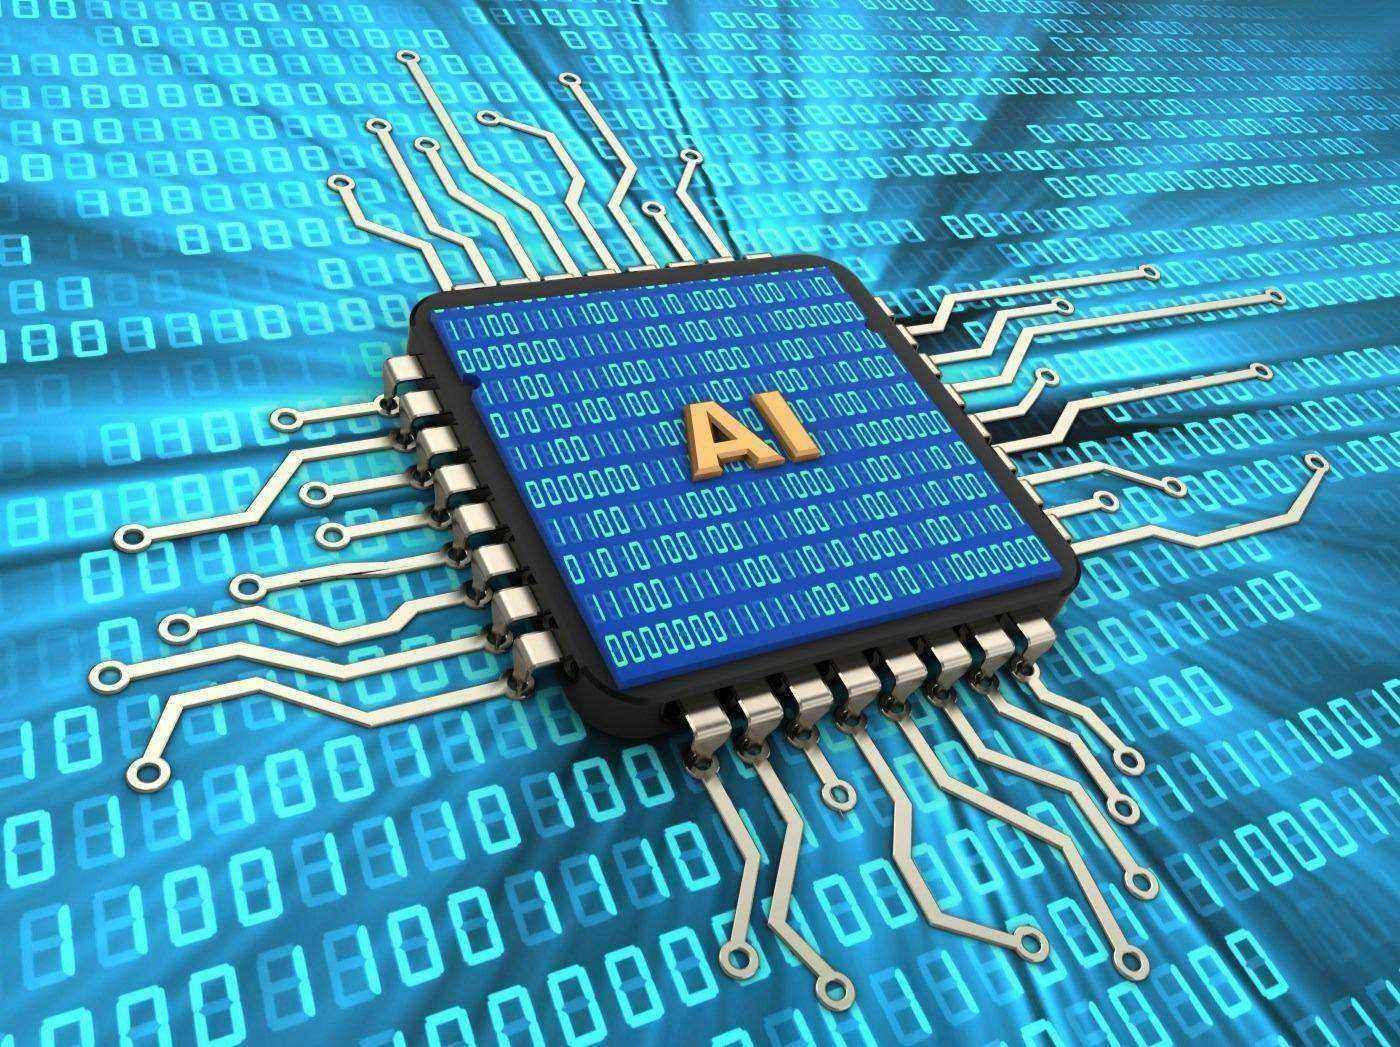 人工智能芯片技术和产品发展势头迅猛